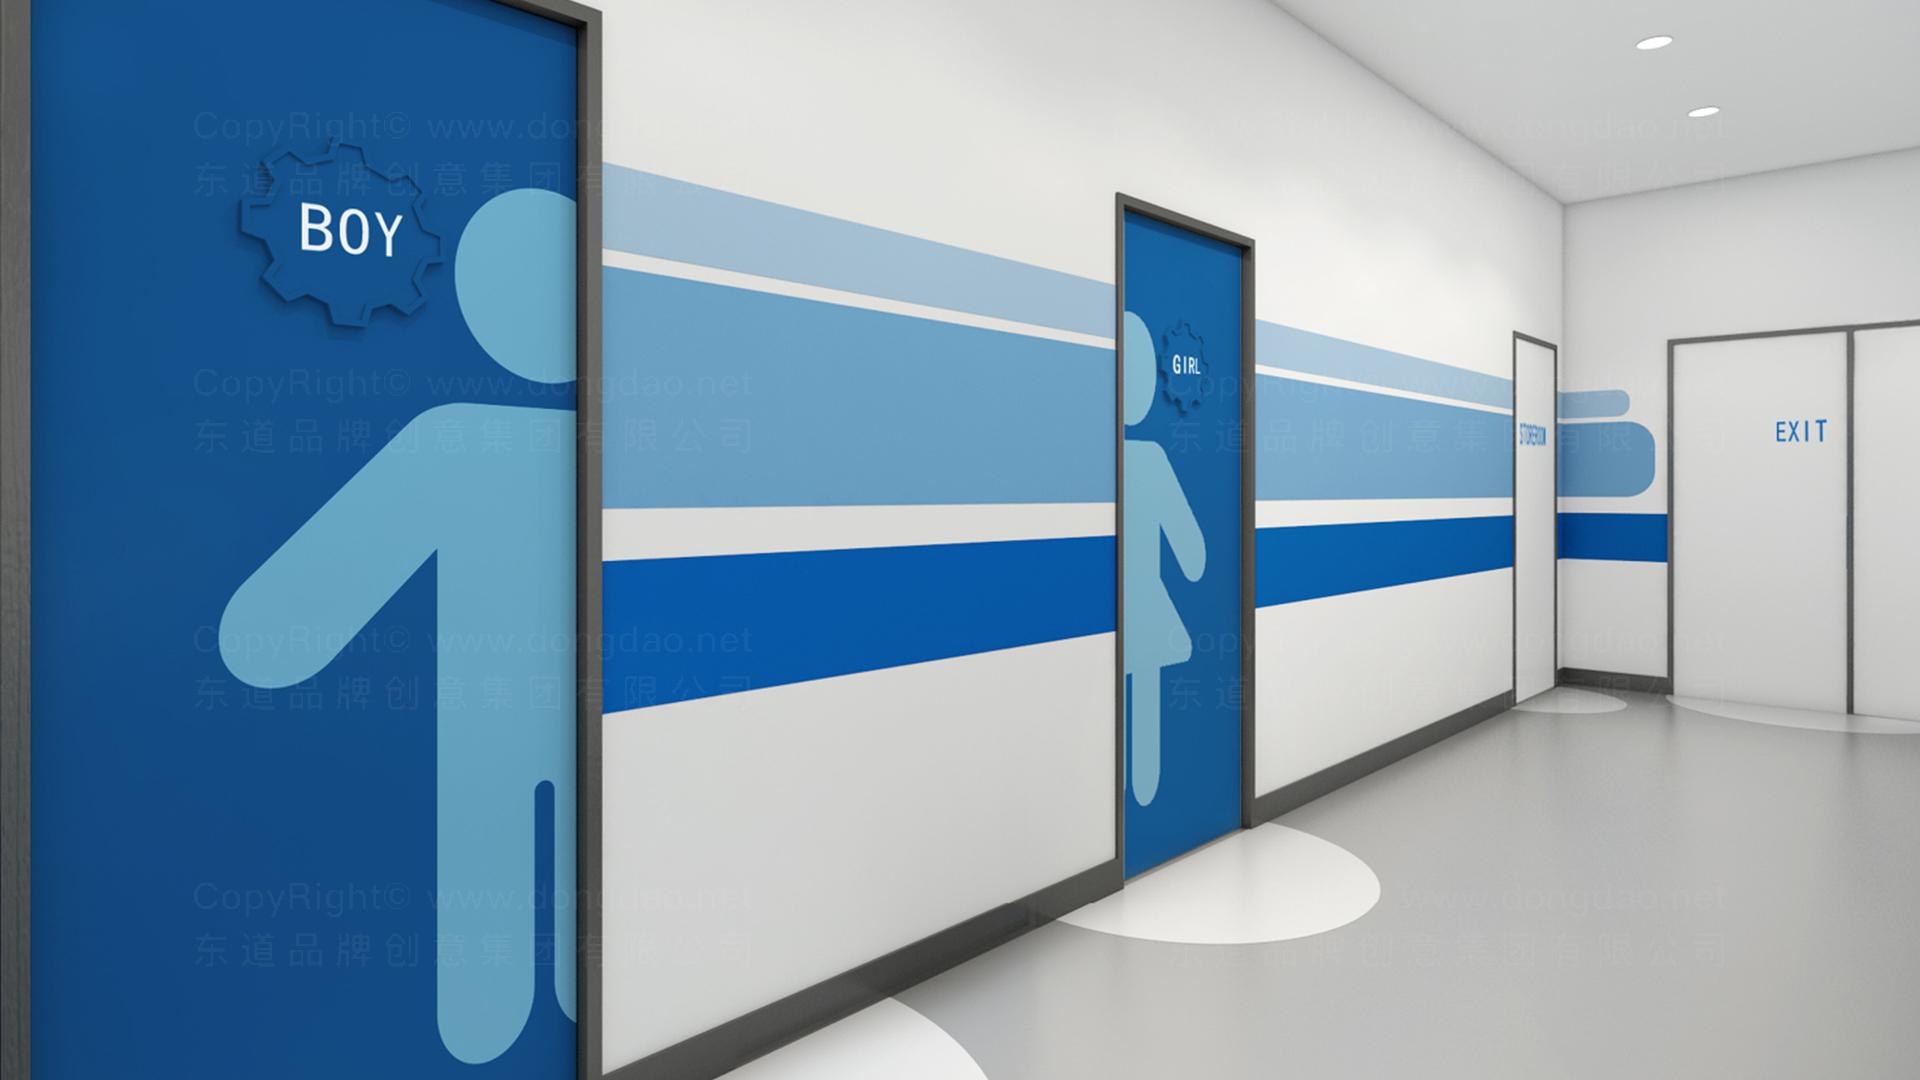 商业空间&导示优创智合虚拟店SI平面布局图设计应用